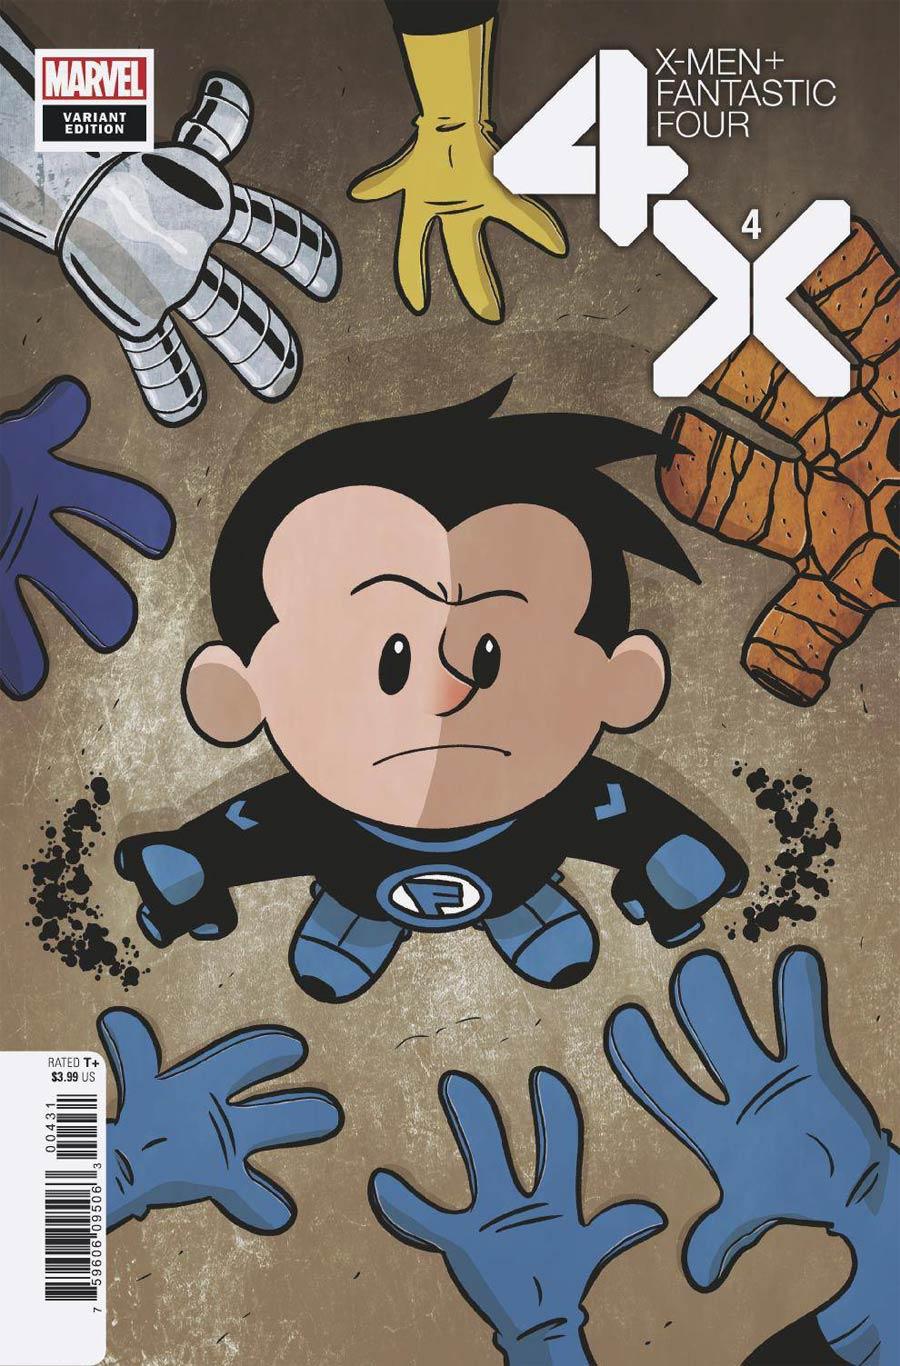 X-Men Fantastic Four Vol 2 #4 Cover D Variant Chris Eliopoulos Cover